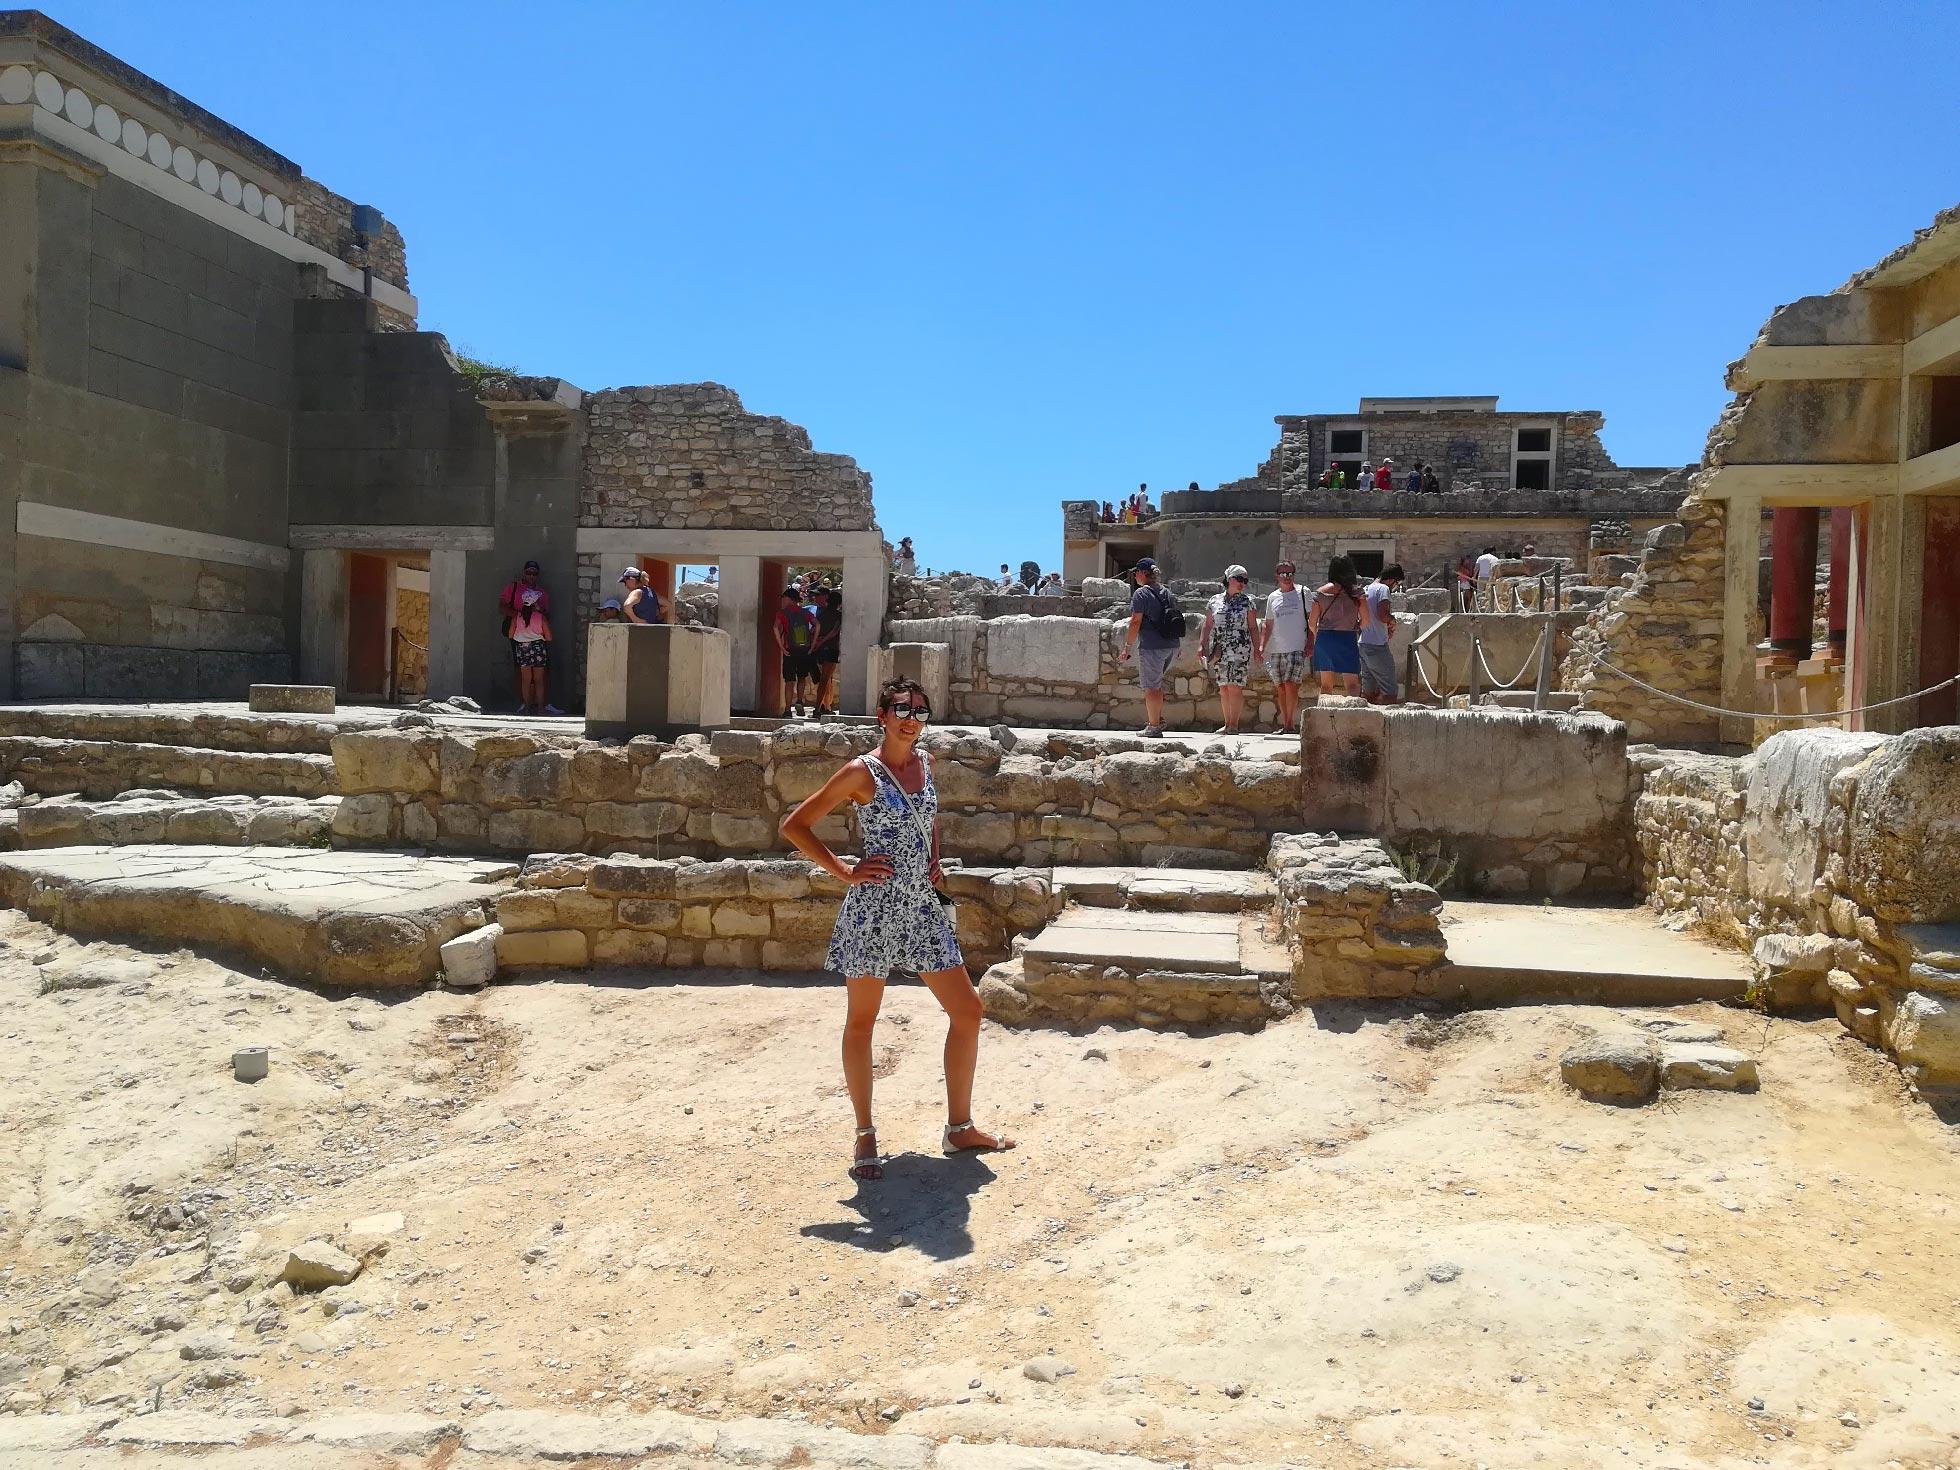 l'area archeologica adiacente al Palazzo di Cnosso, Creta, Grecia